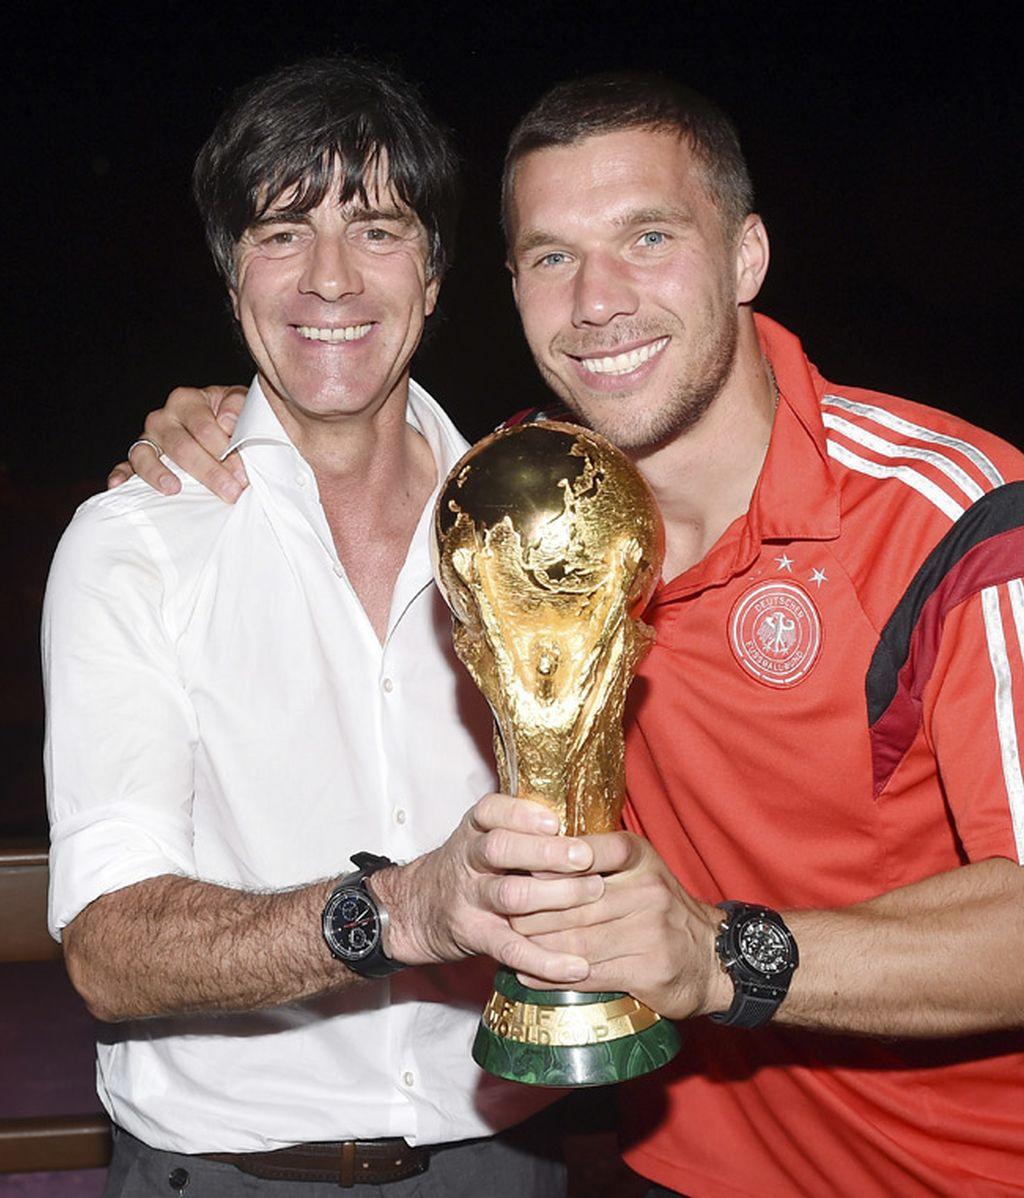 El seleccionador Joachin Löw posa junto a Podolski